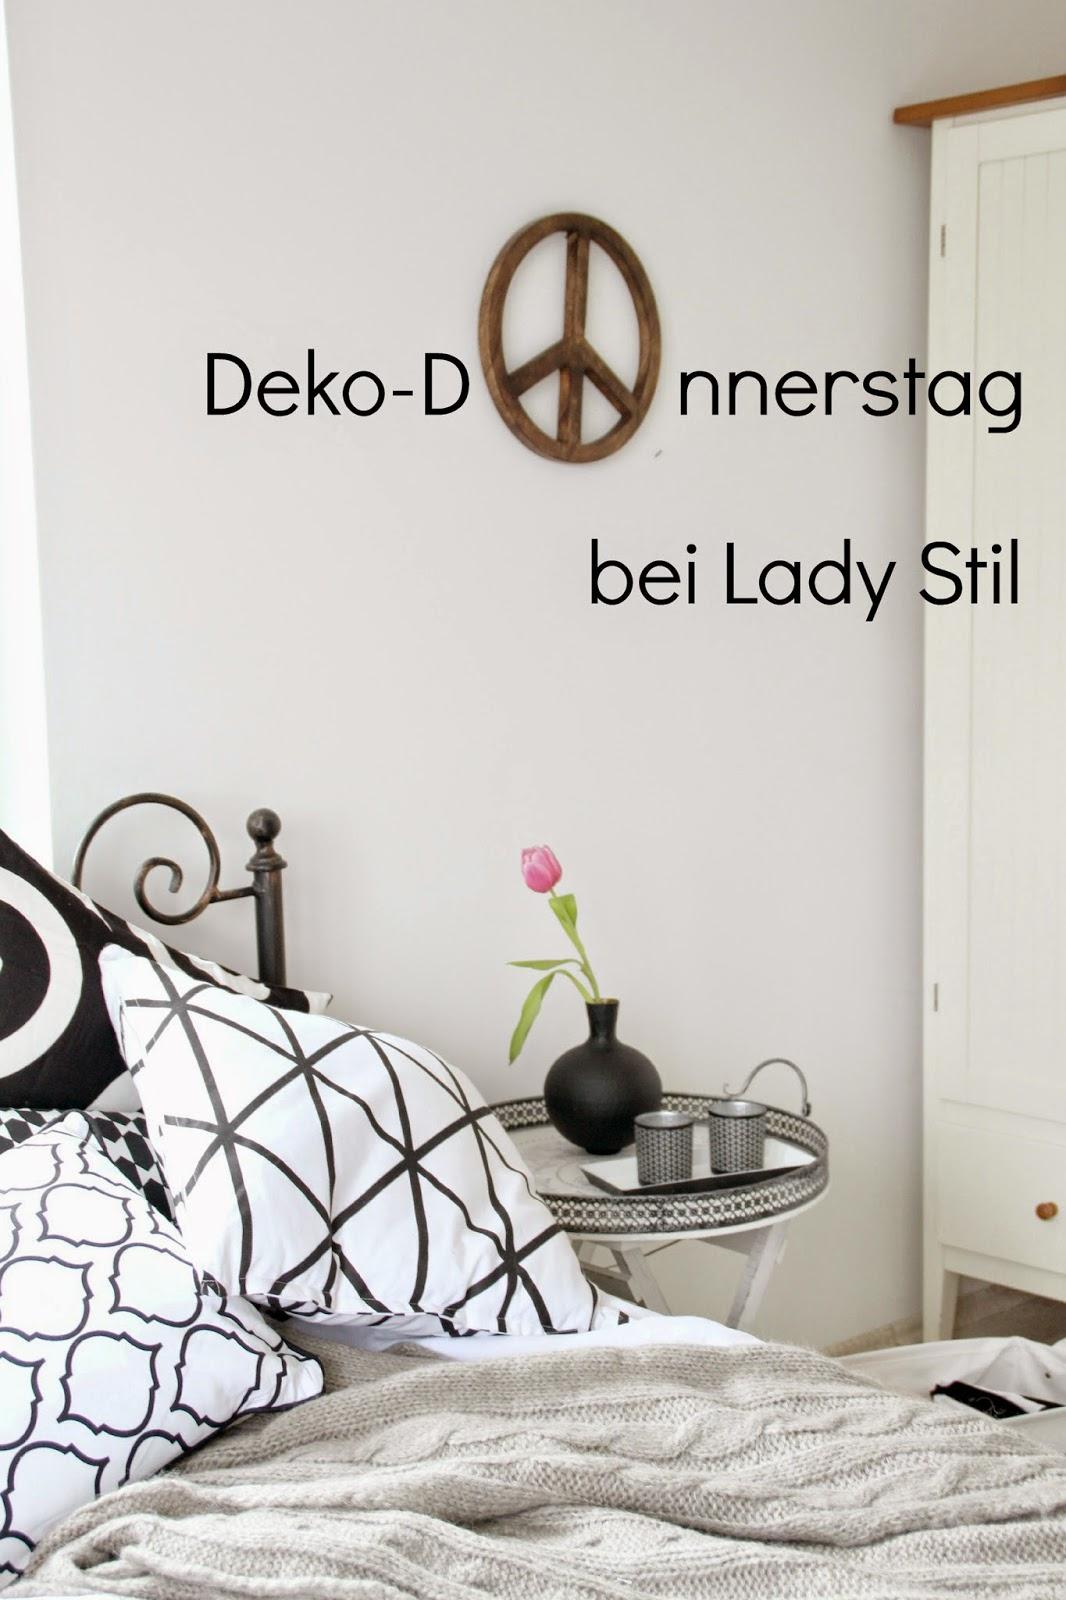 Neu! Der Deko-Donnerstag! Heute im Schlafzimmer! - lady-stil.de